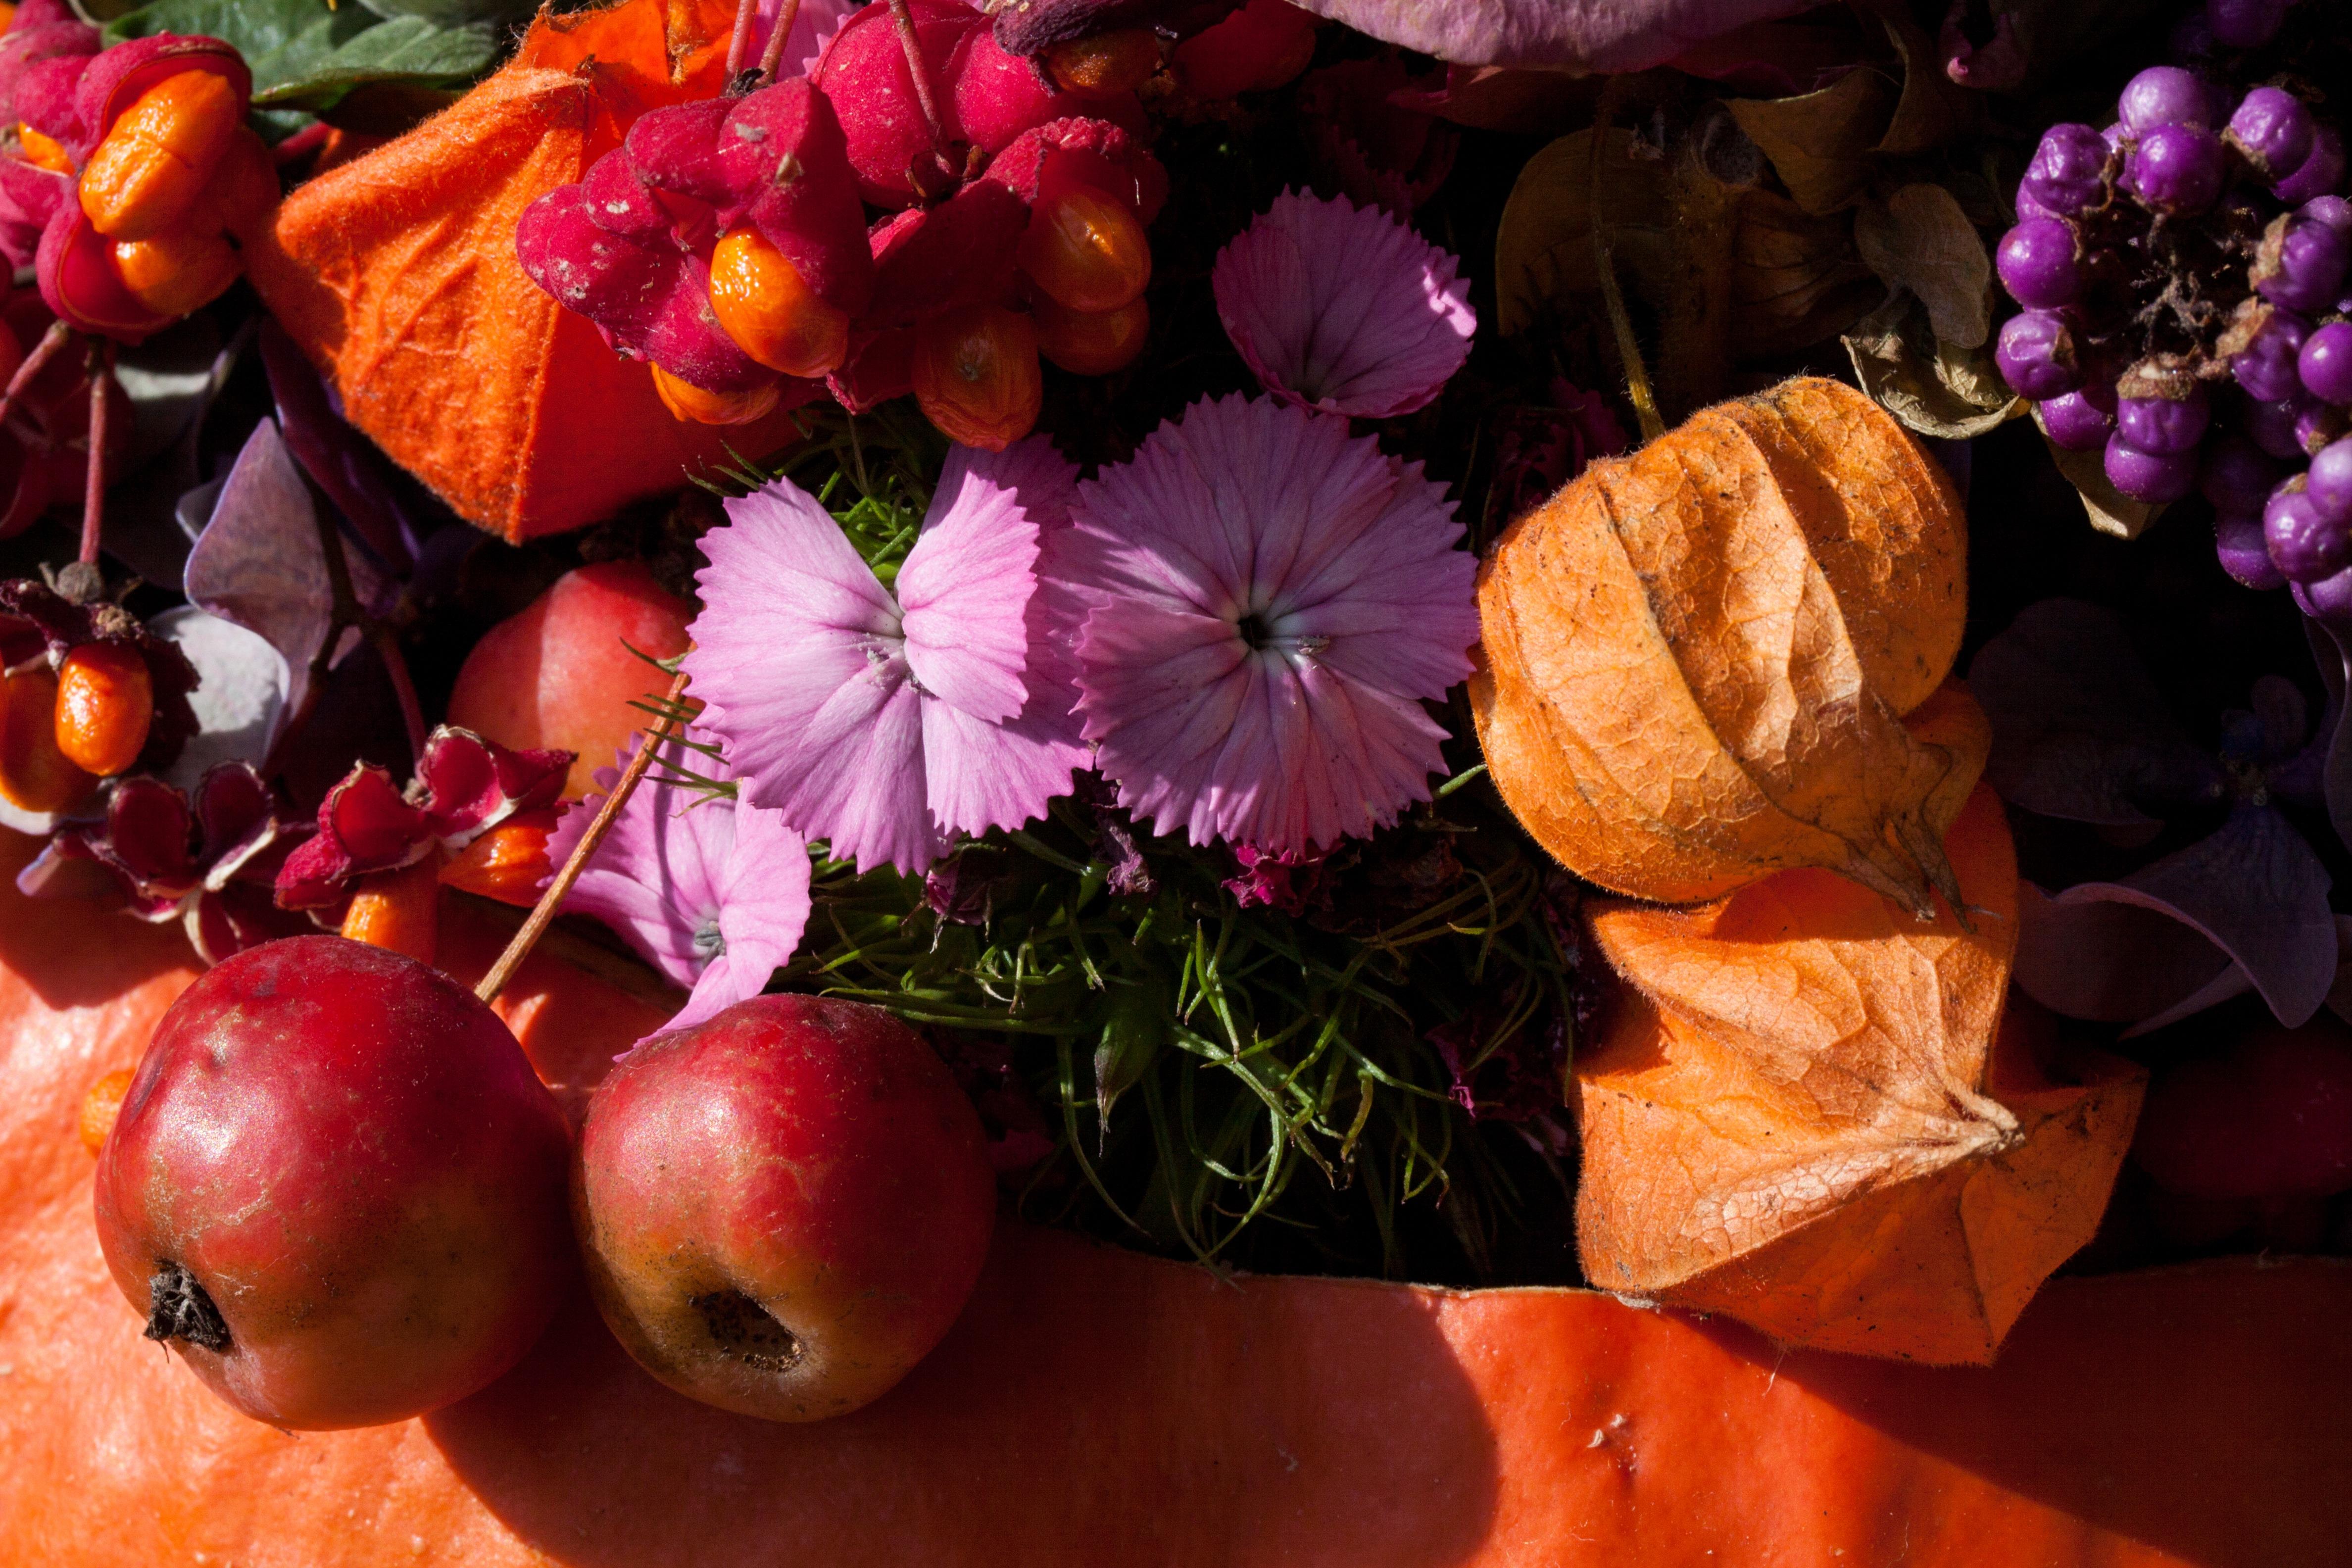 Fotoğraf Doğa Meyve Yaprak çiçek Taçyaprağı Buket Portakal